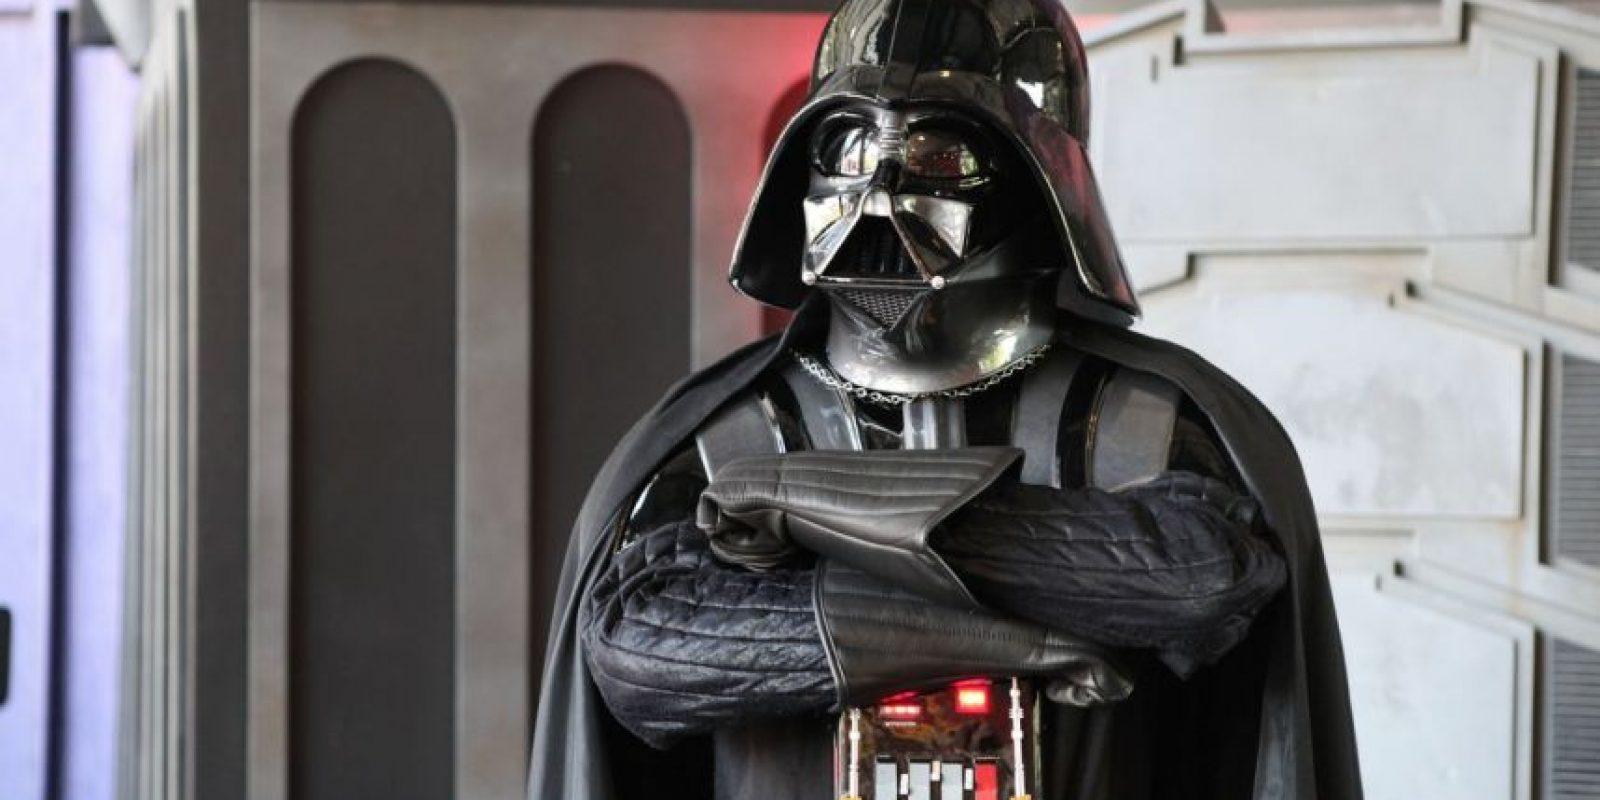 La famosa máscara usada por Darth Vader fue creada por Ralph McQuarrie, y en un comienzo iba a ser usada solo como parte del traje espacial. Foto:Vía StarWars.LATAM